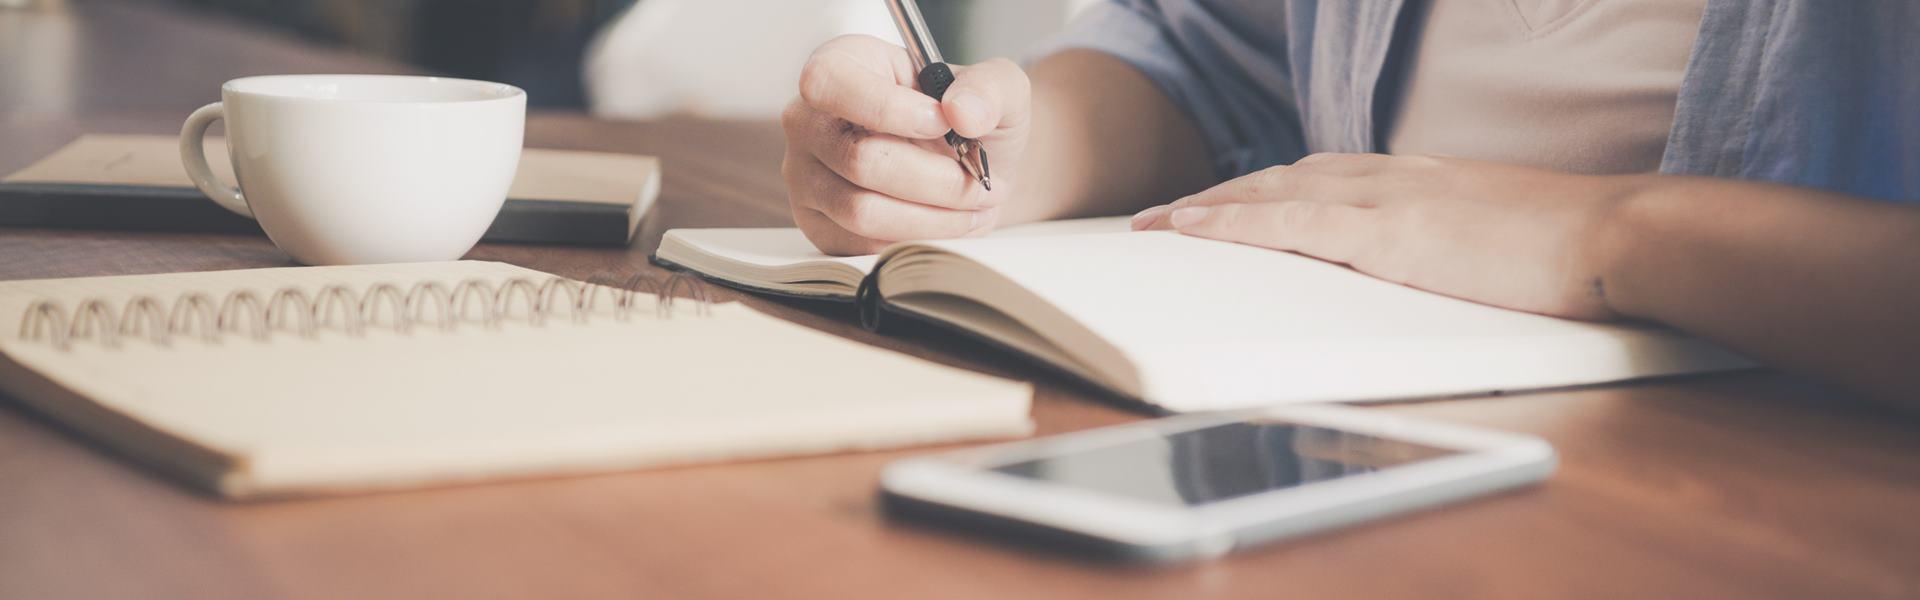 Идеи для постов в Инстаграм: где брать темы и как их «упаковать»